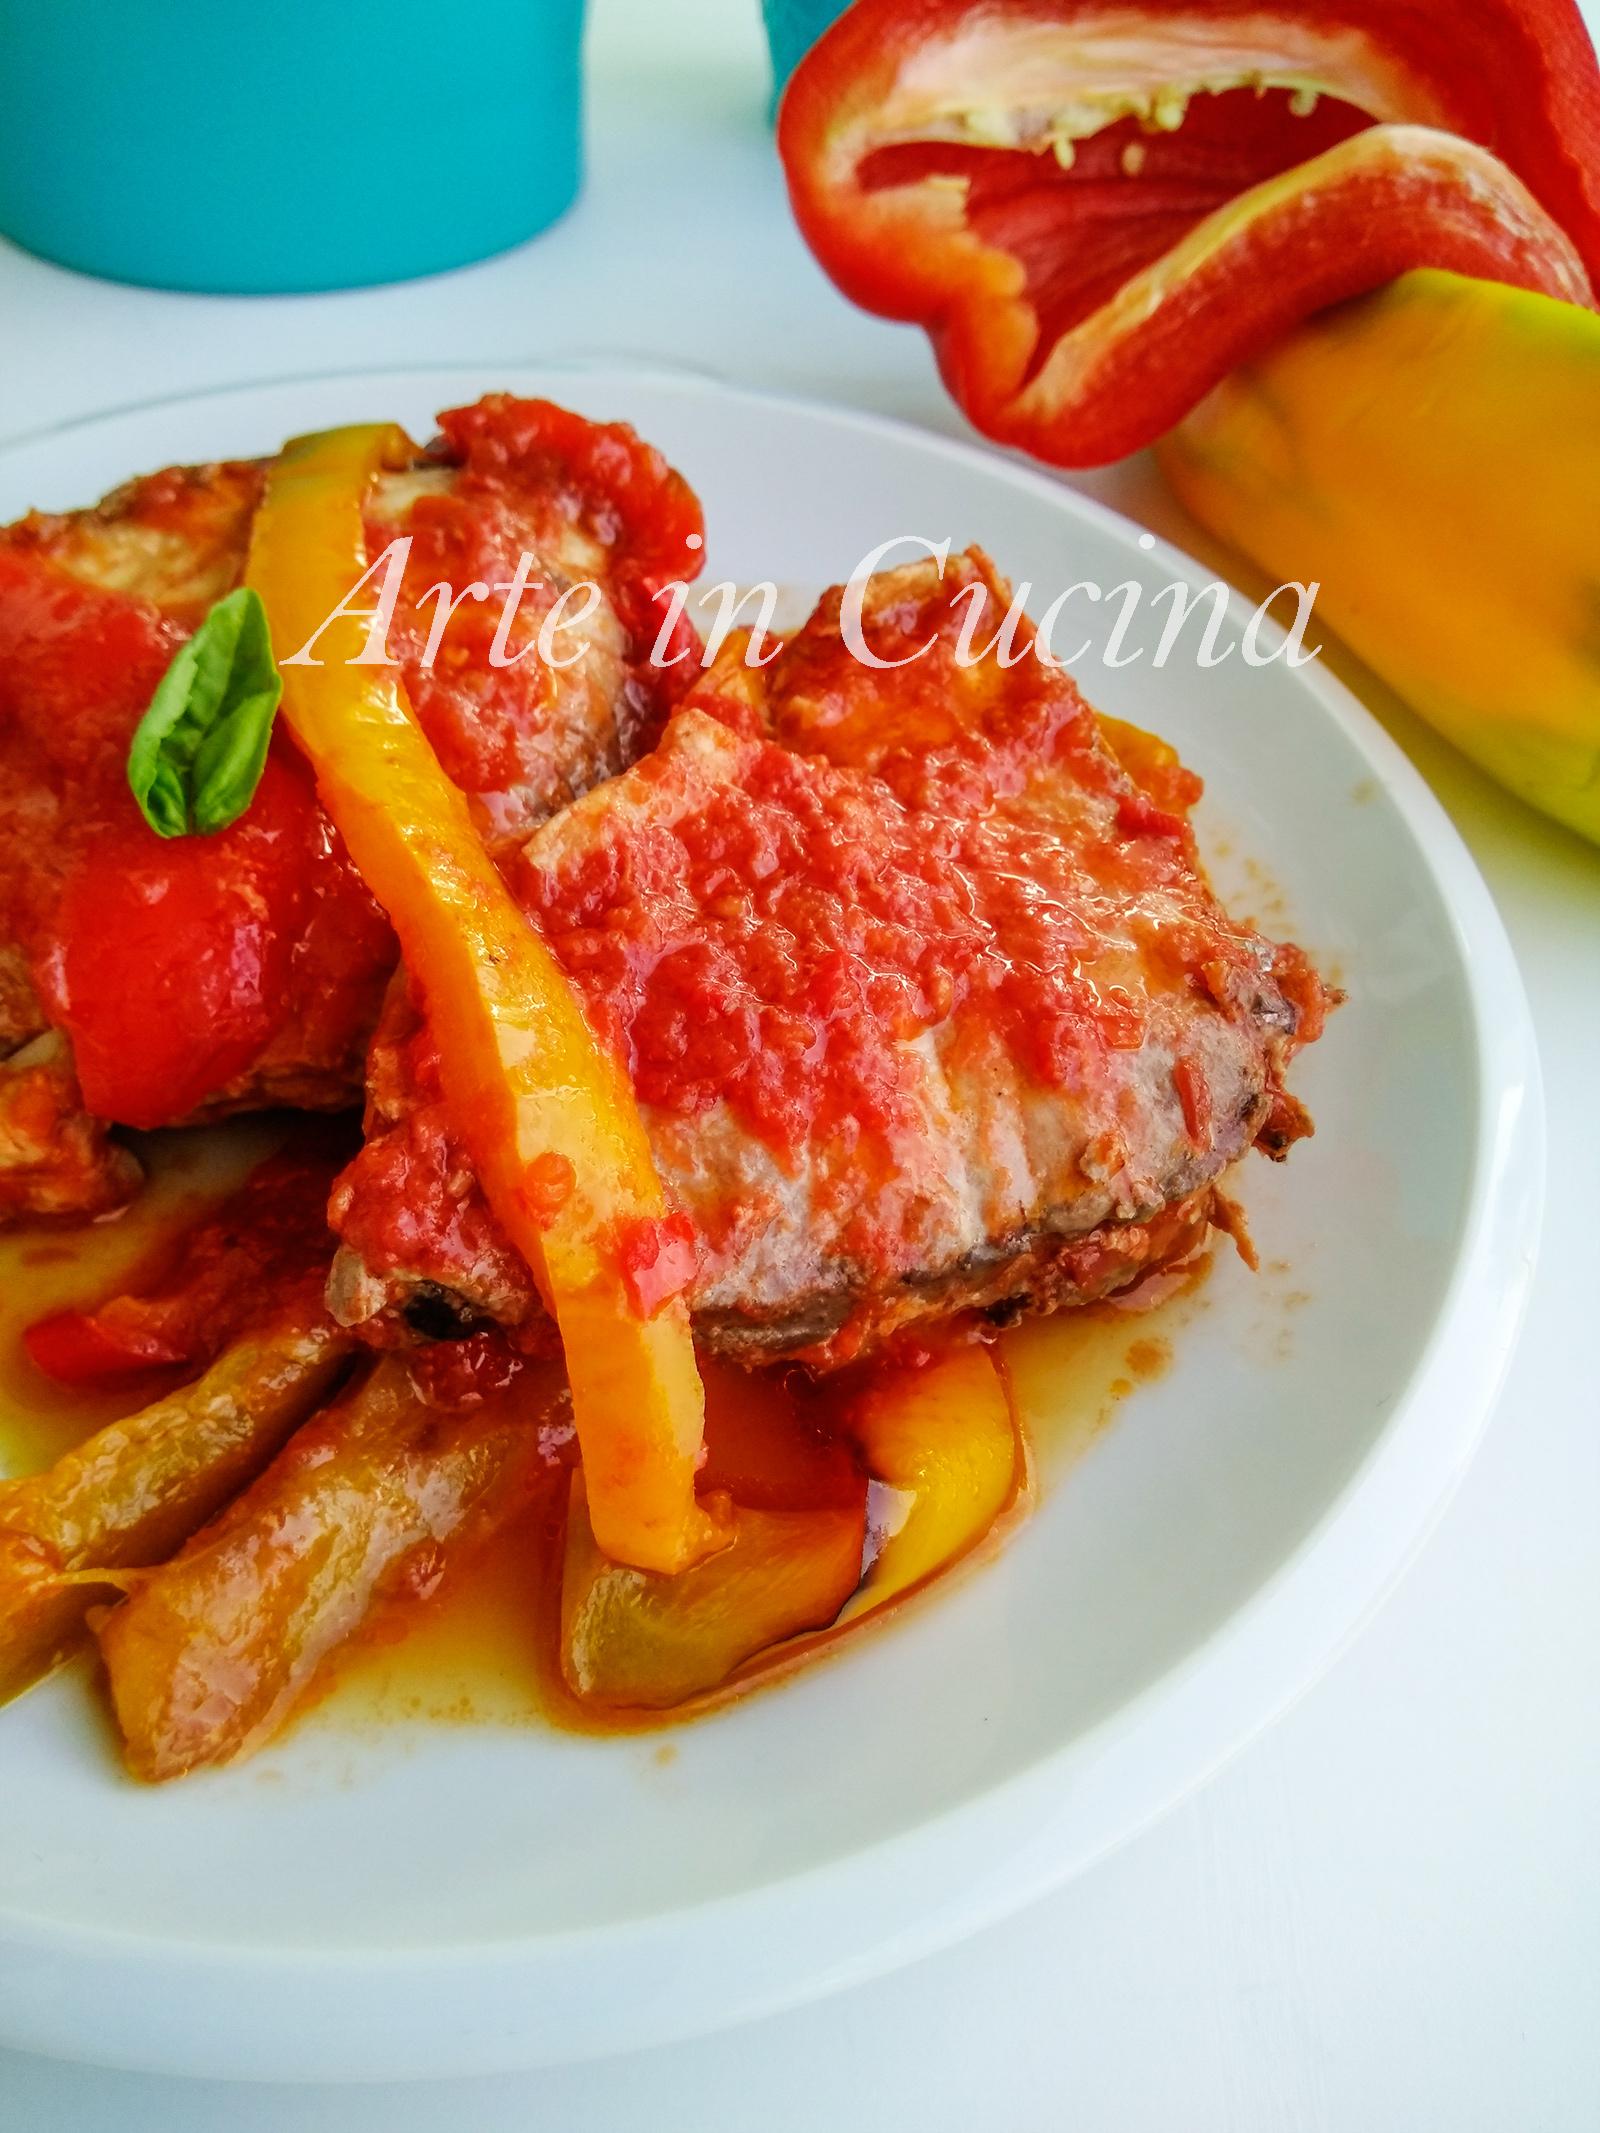 Pesce spada con peperoni ricetta veloce vickyart arte in cucina